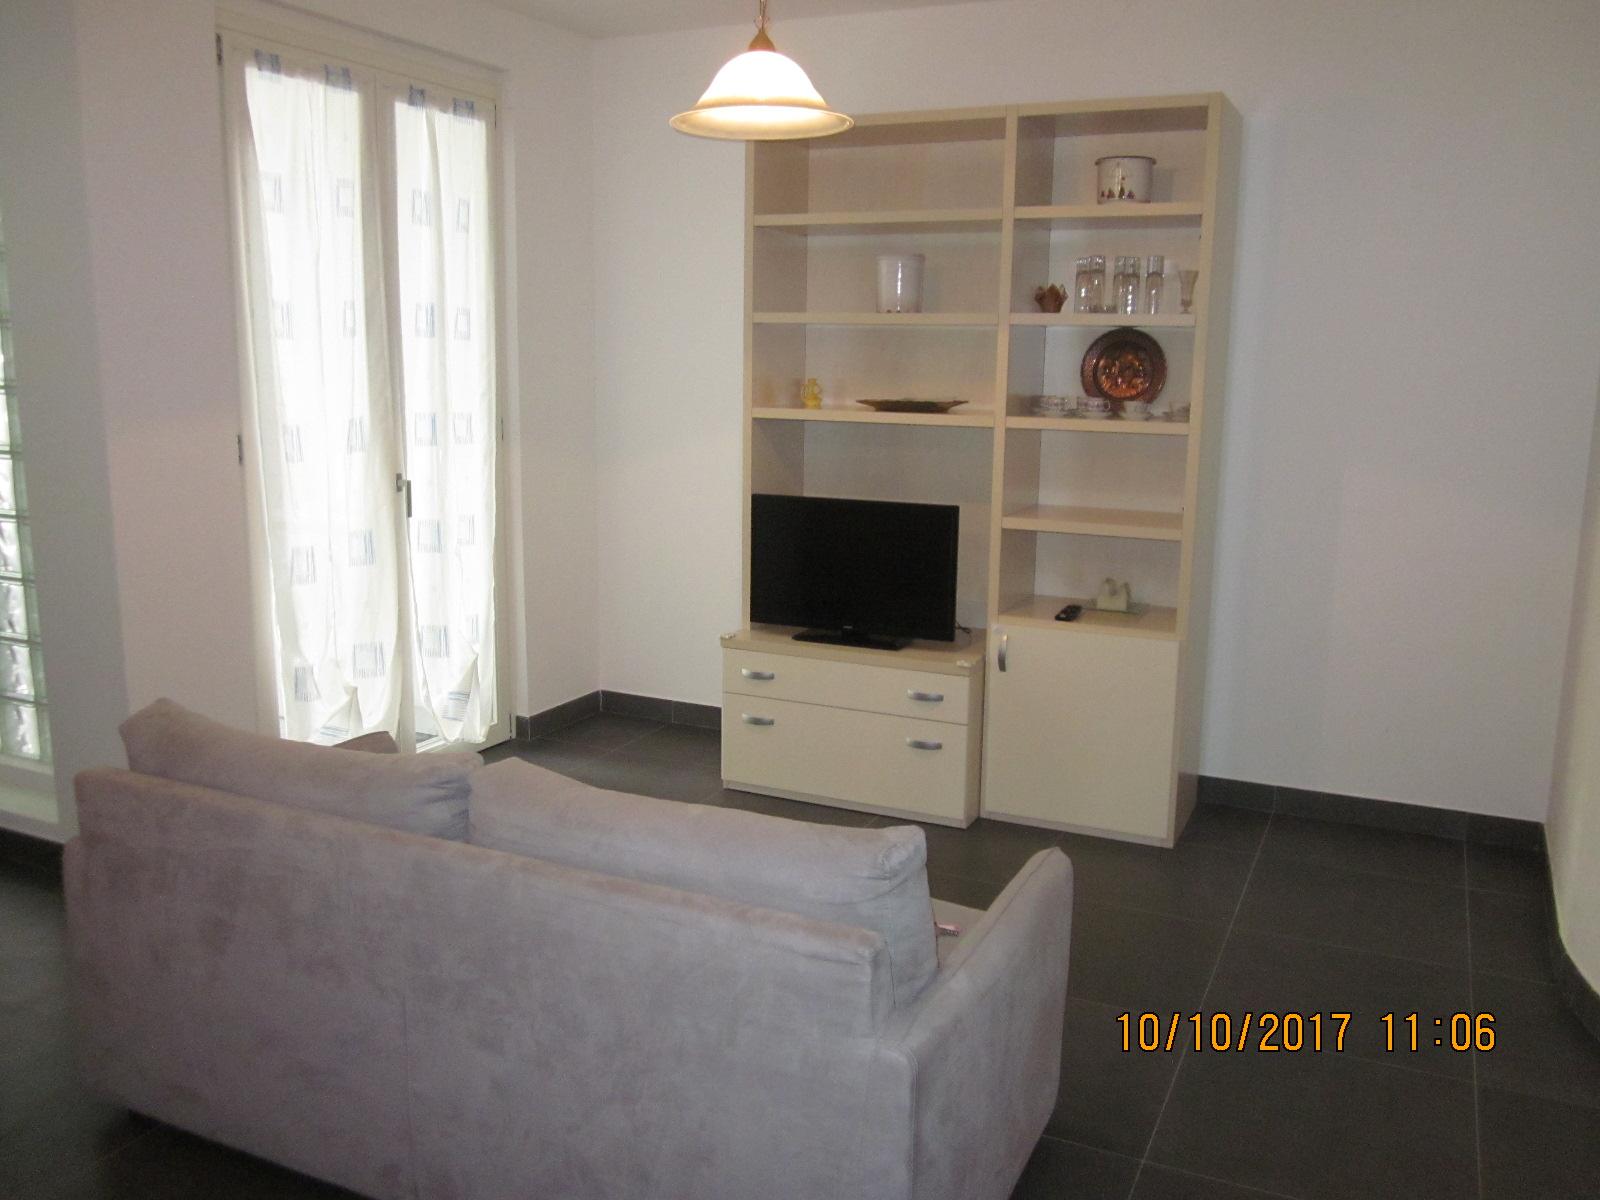 Soluzione Indipendente in affitto a Viareggio, 2 locali, zona Località: Centro, prezzo € 800 | CambioCasa.it